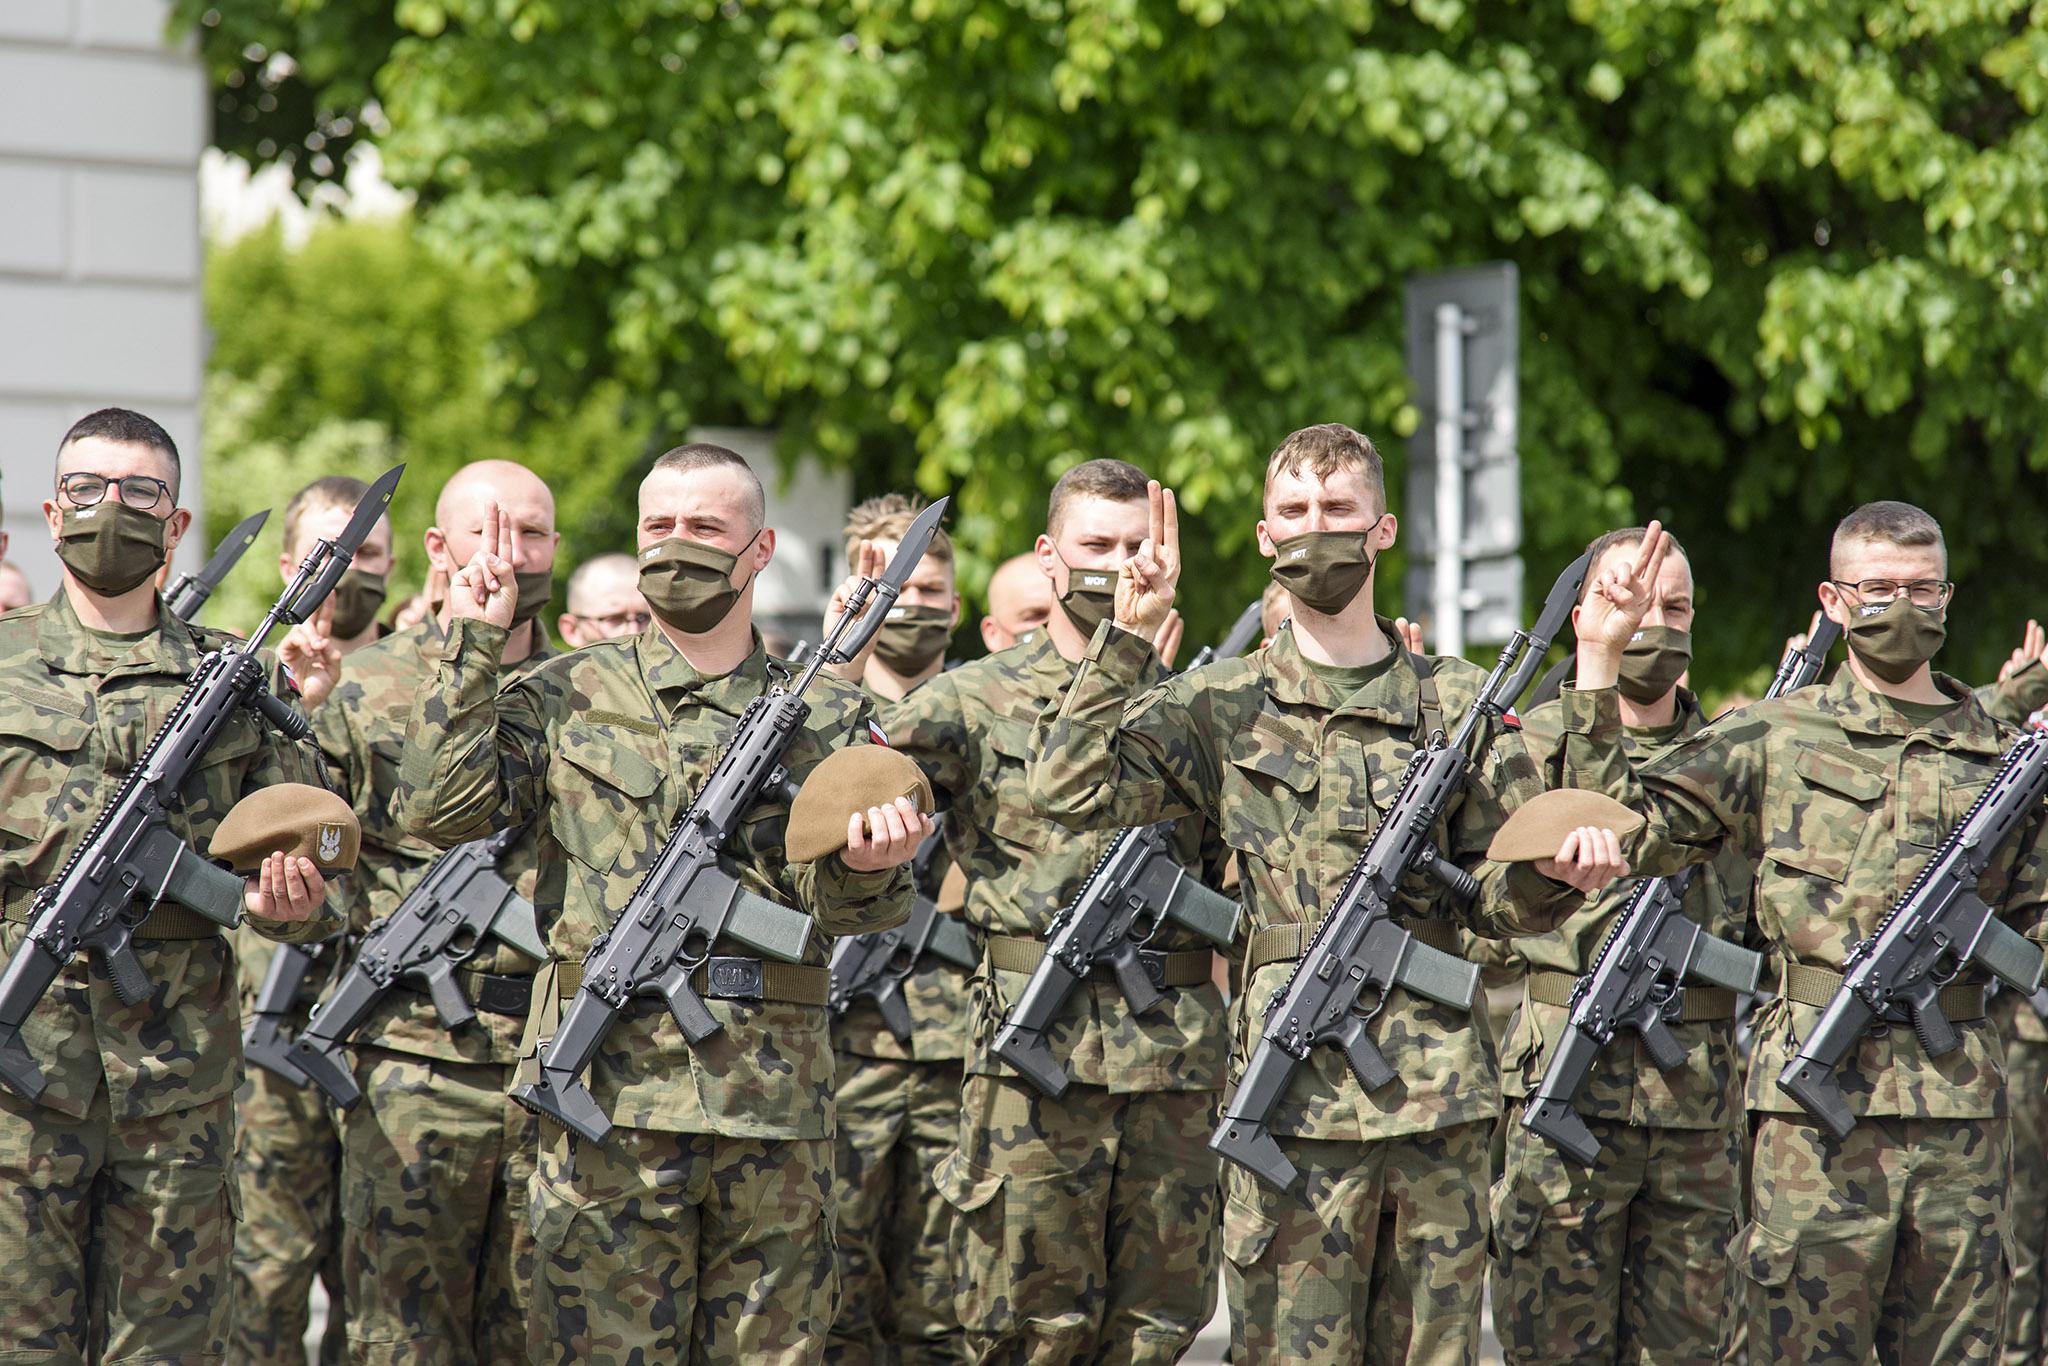 DSC_3681_RZESZOW_NEWS_SEBASTIAN_STANKIEWICZ